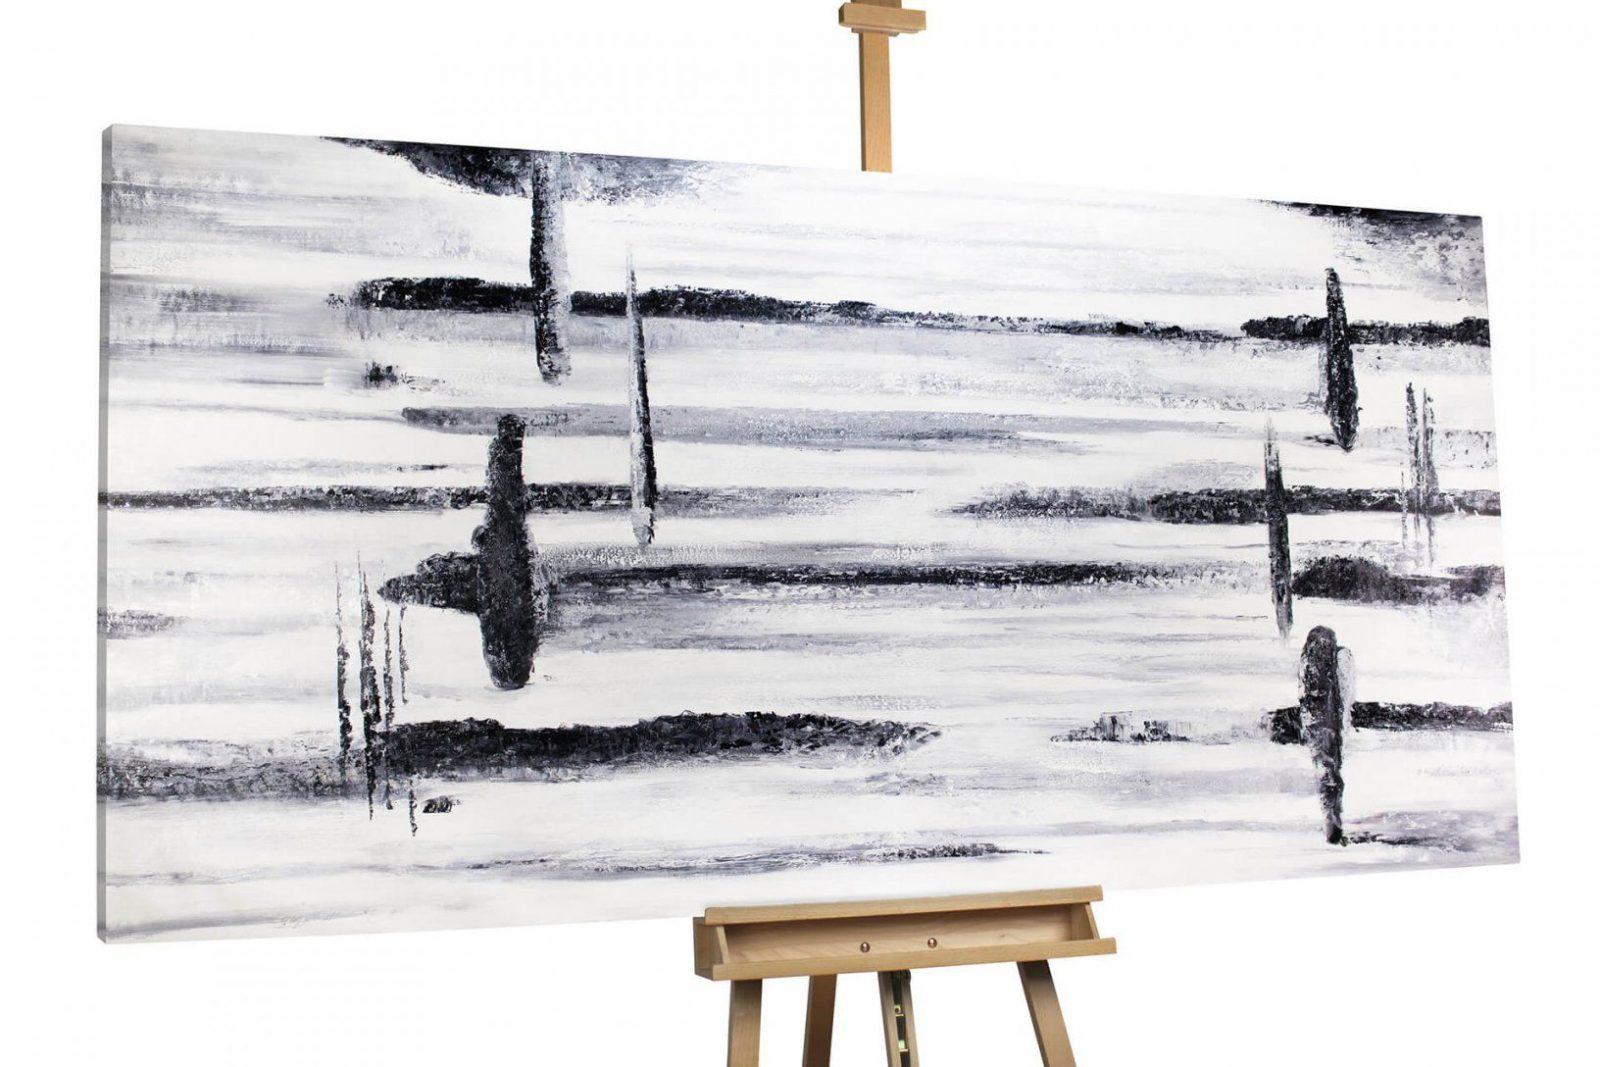 Xxlbild Schwarz & Weiß Auf Leinwand Kaufen  Kunstloft von Gemalte Bilder Schwarz Weiß Photo